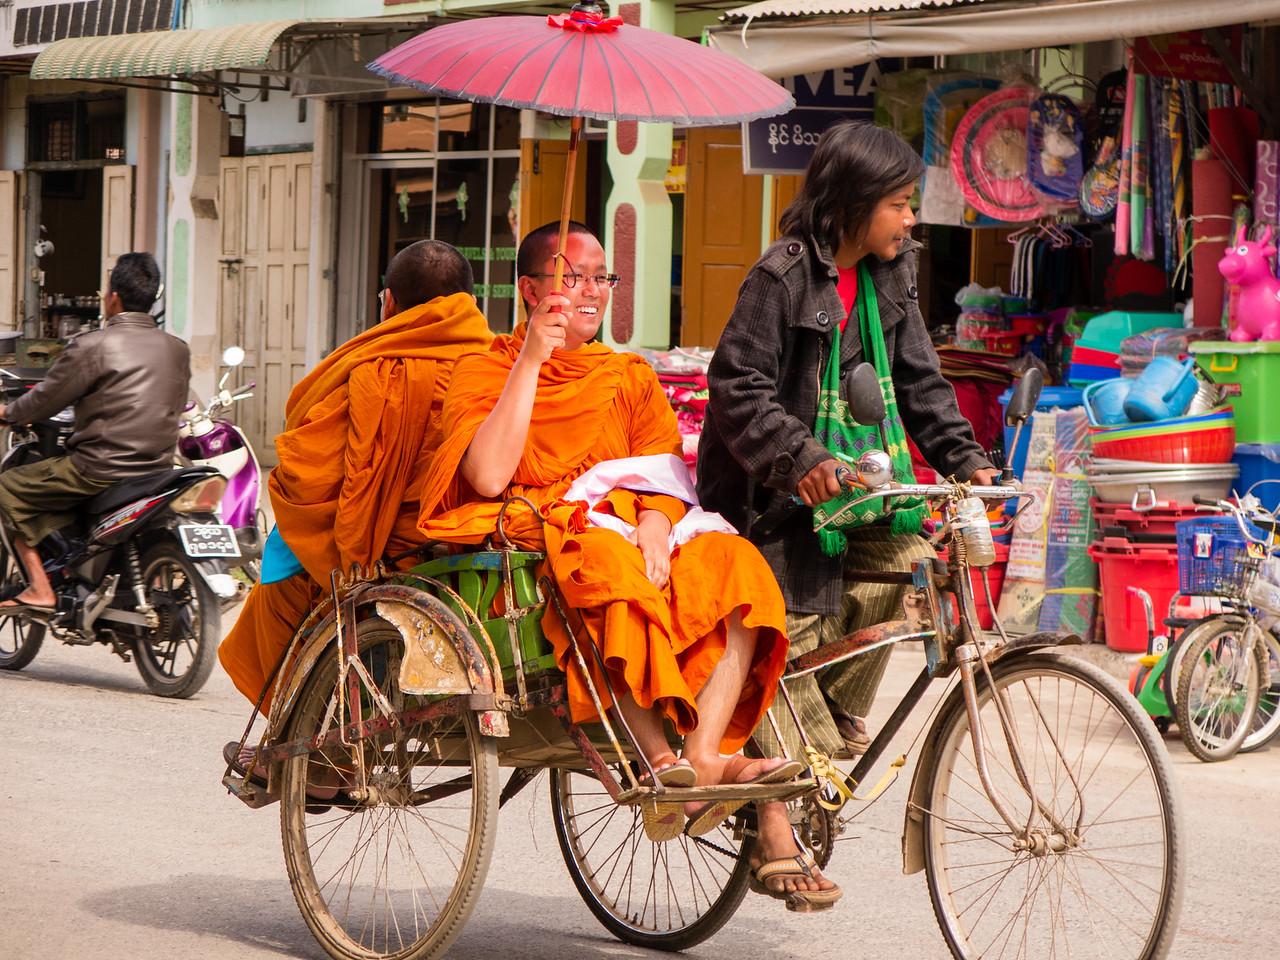 Monk on A Pedi Cab in Nyaung Shwe, Myanmar